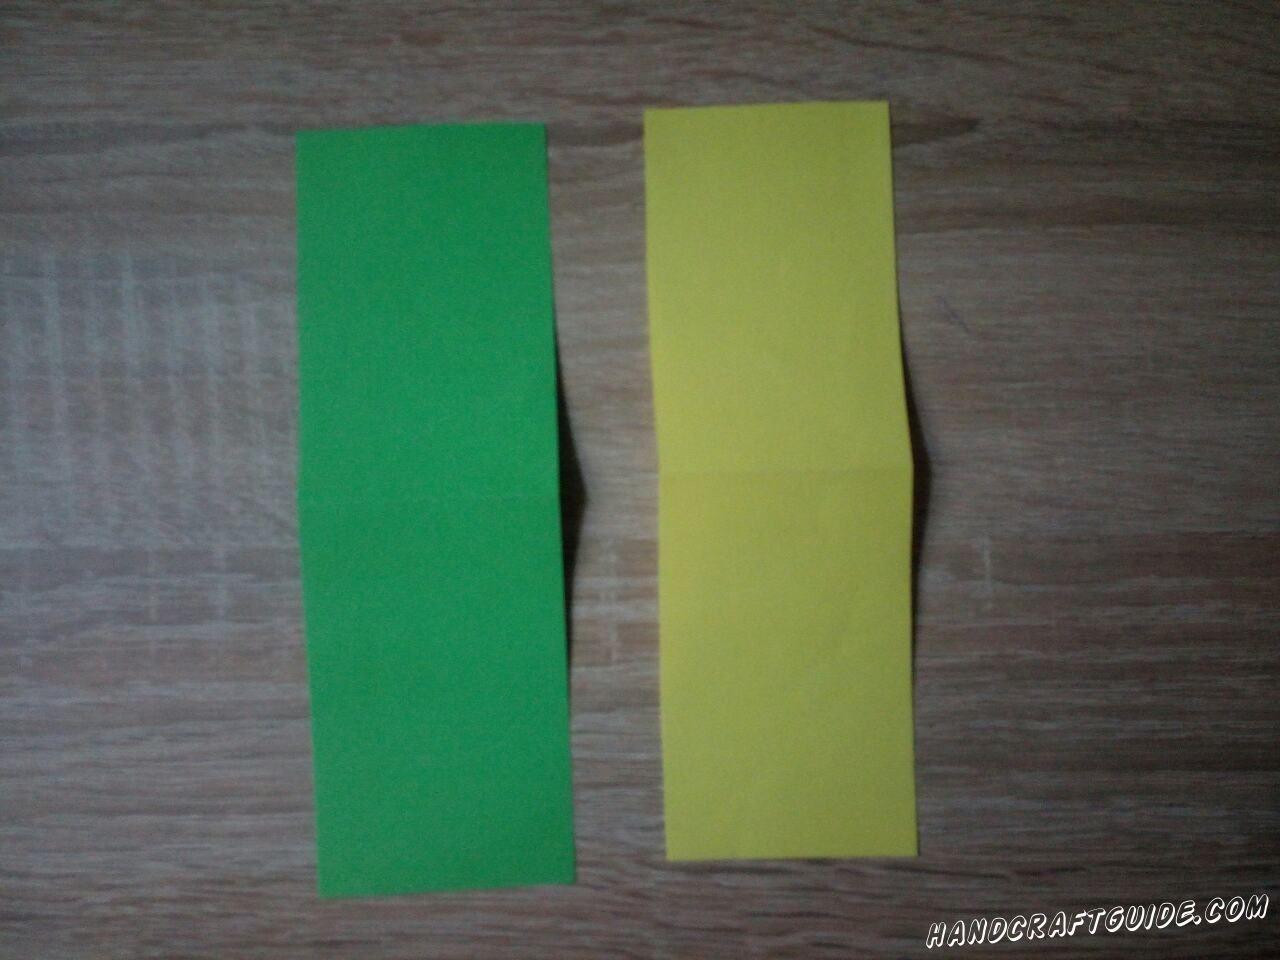 Из цветной бумаги вырезаем 2 одинаковые полосы, разного цвета